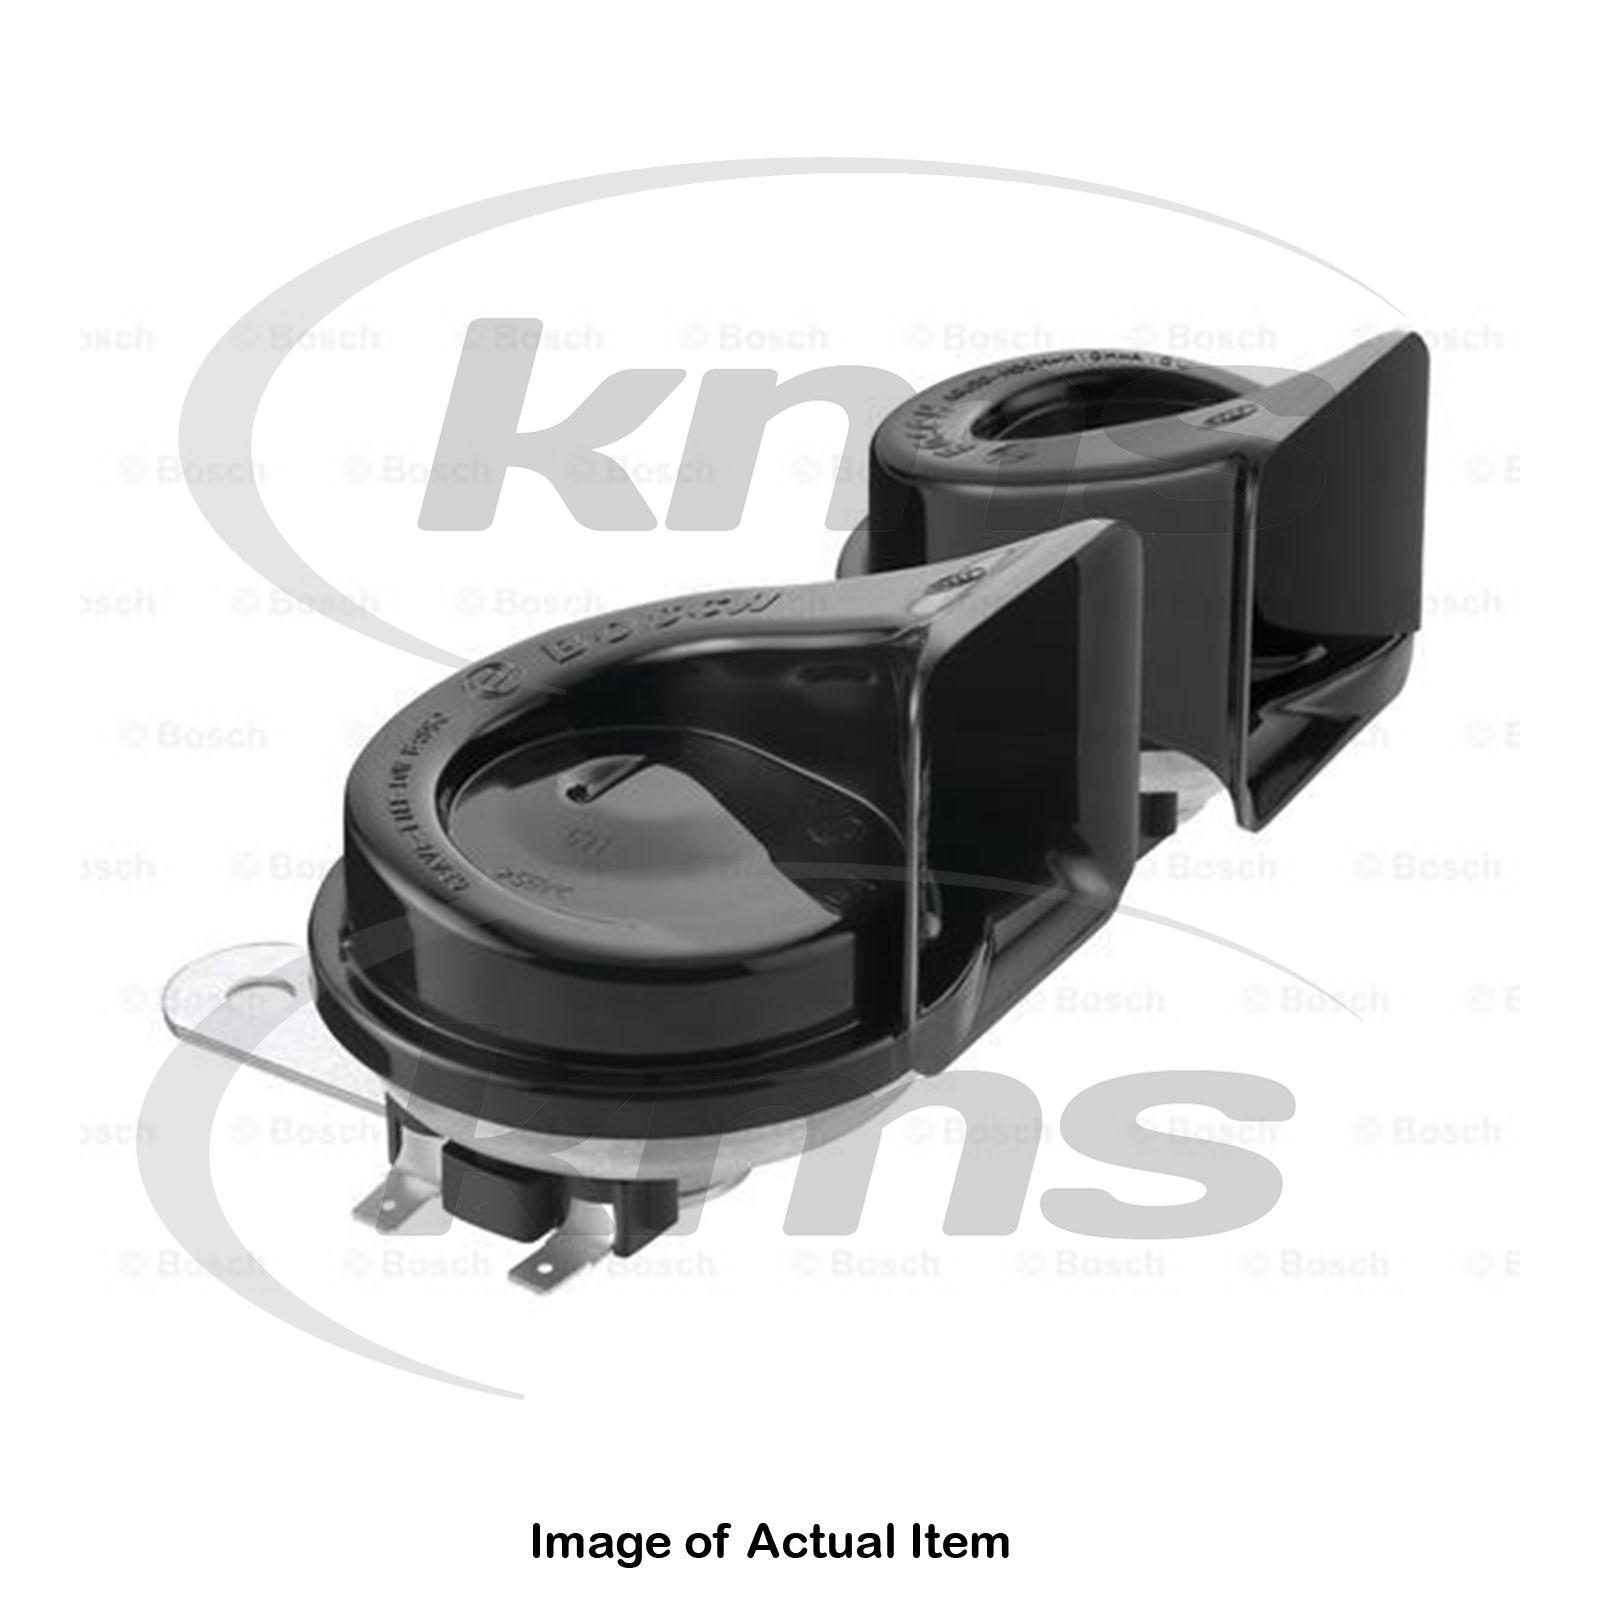 Bosch Fanfare 6 033 fb2 012